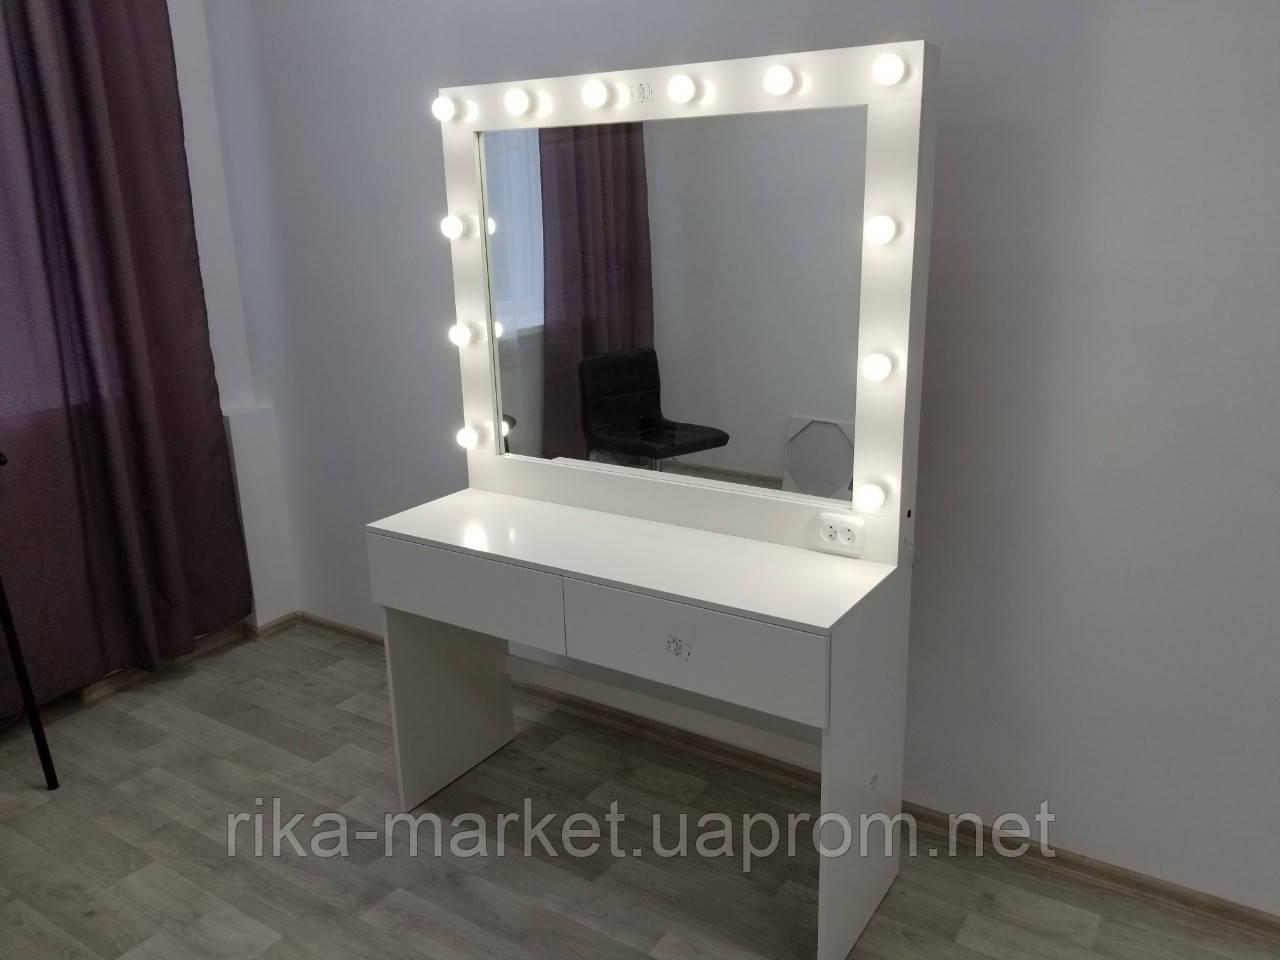 Визажный женский столик  для макияжа, для салона или дома